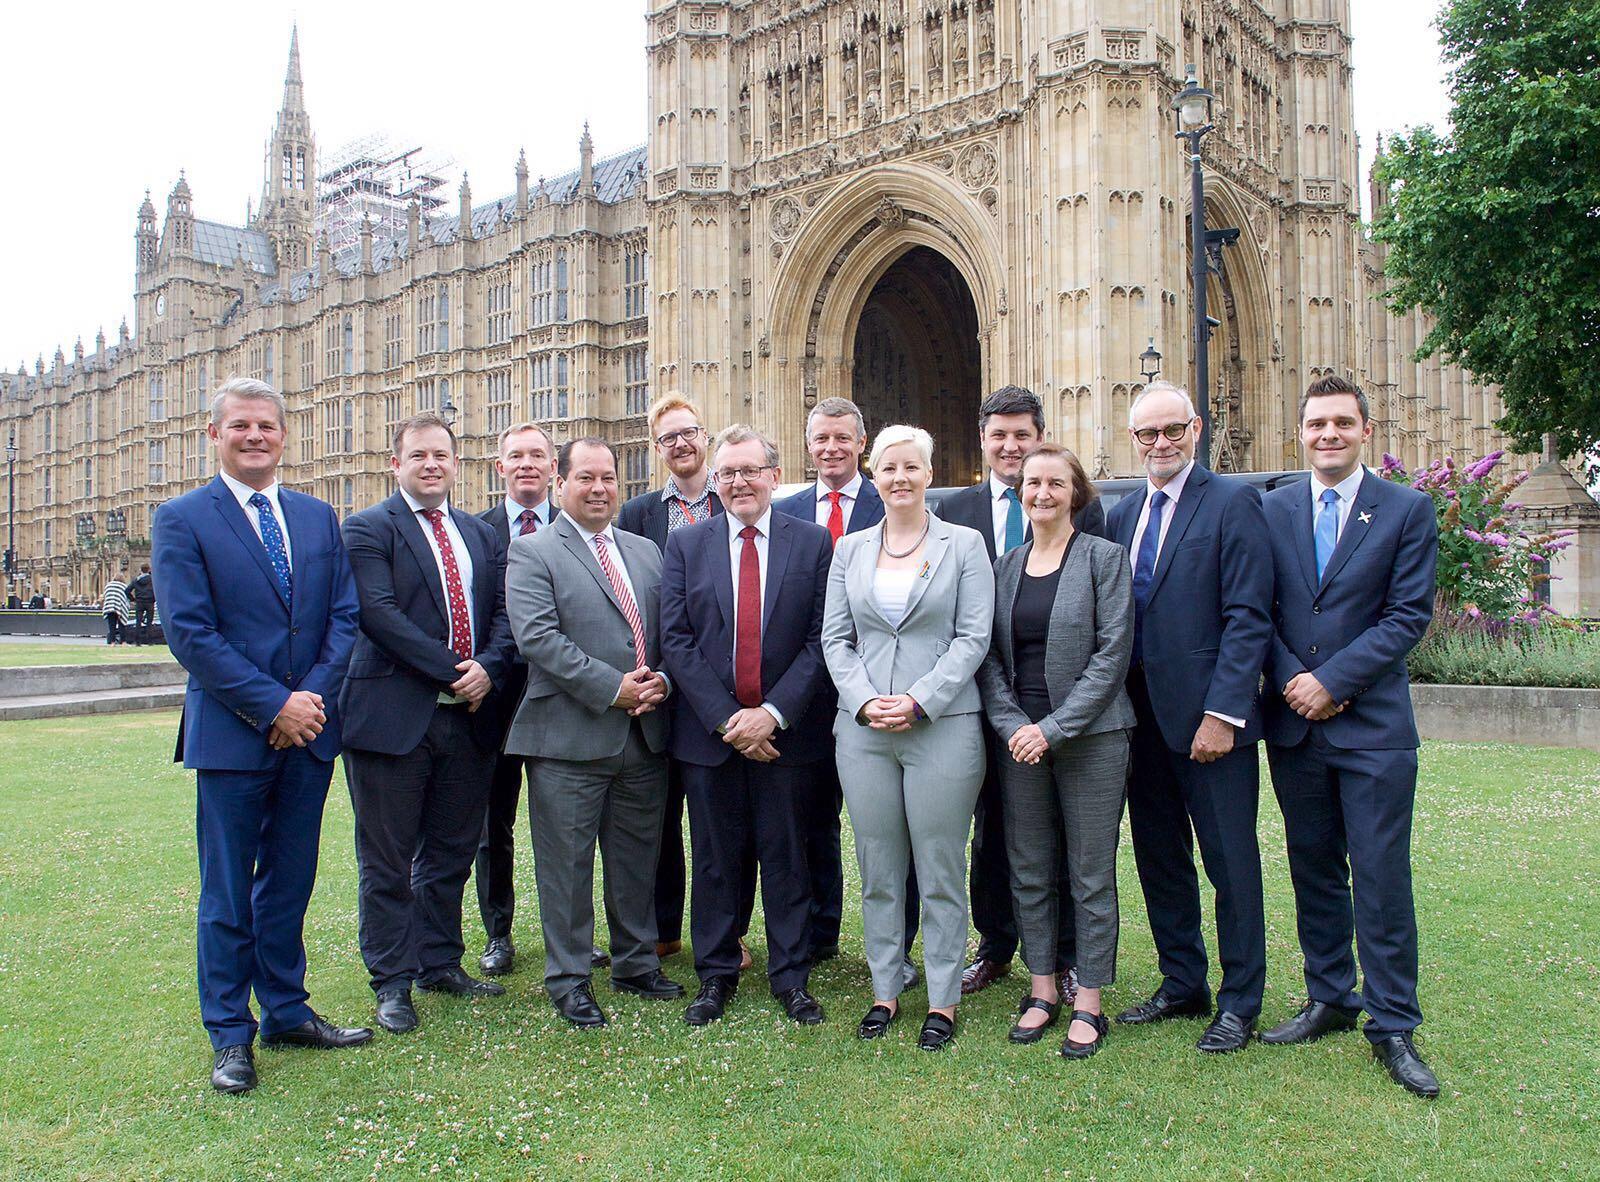 LGBT_MPs.JPG